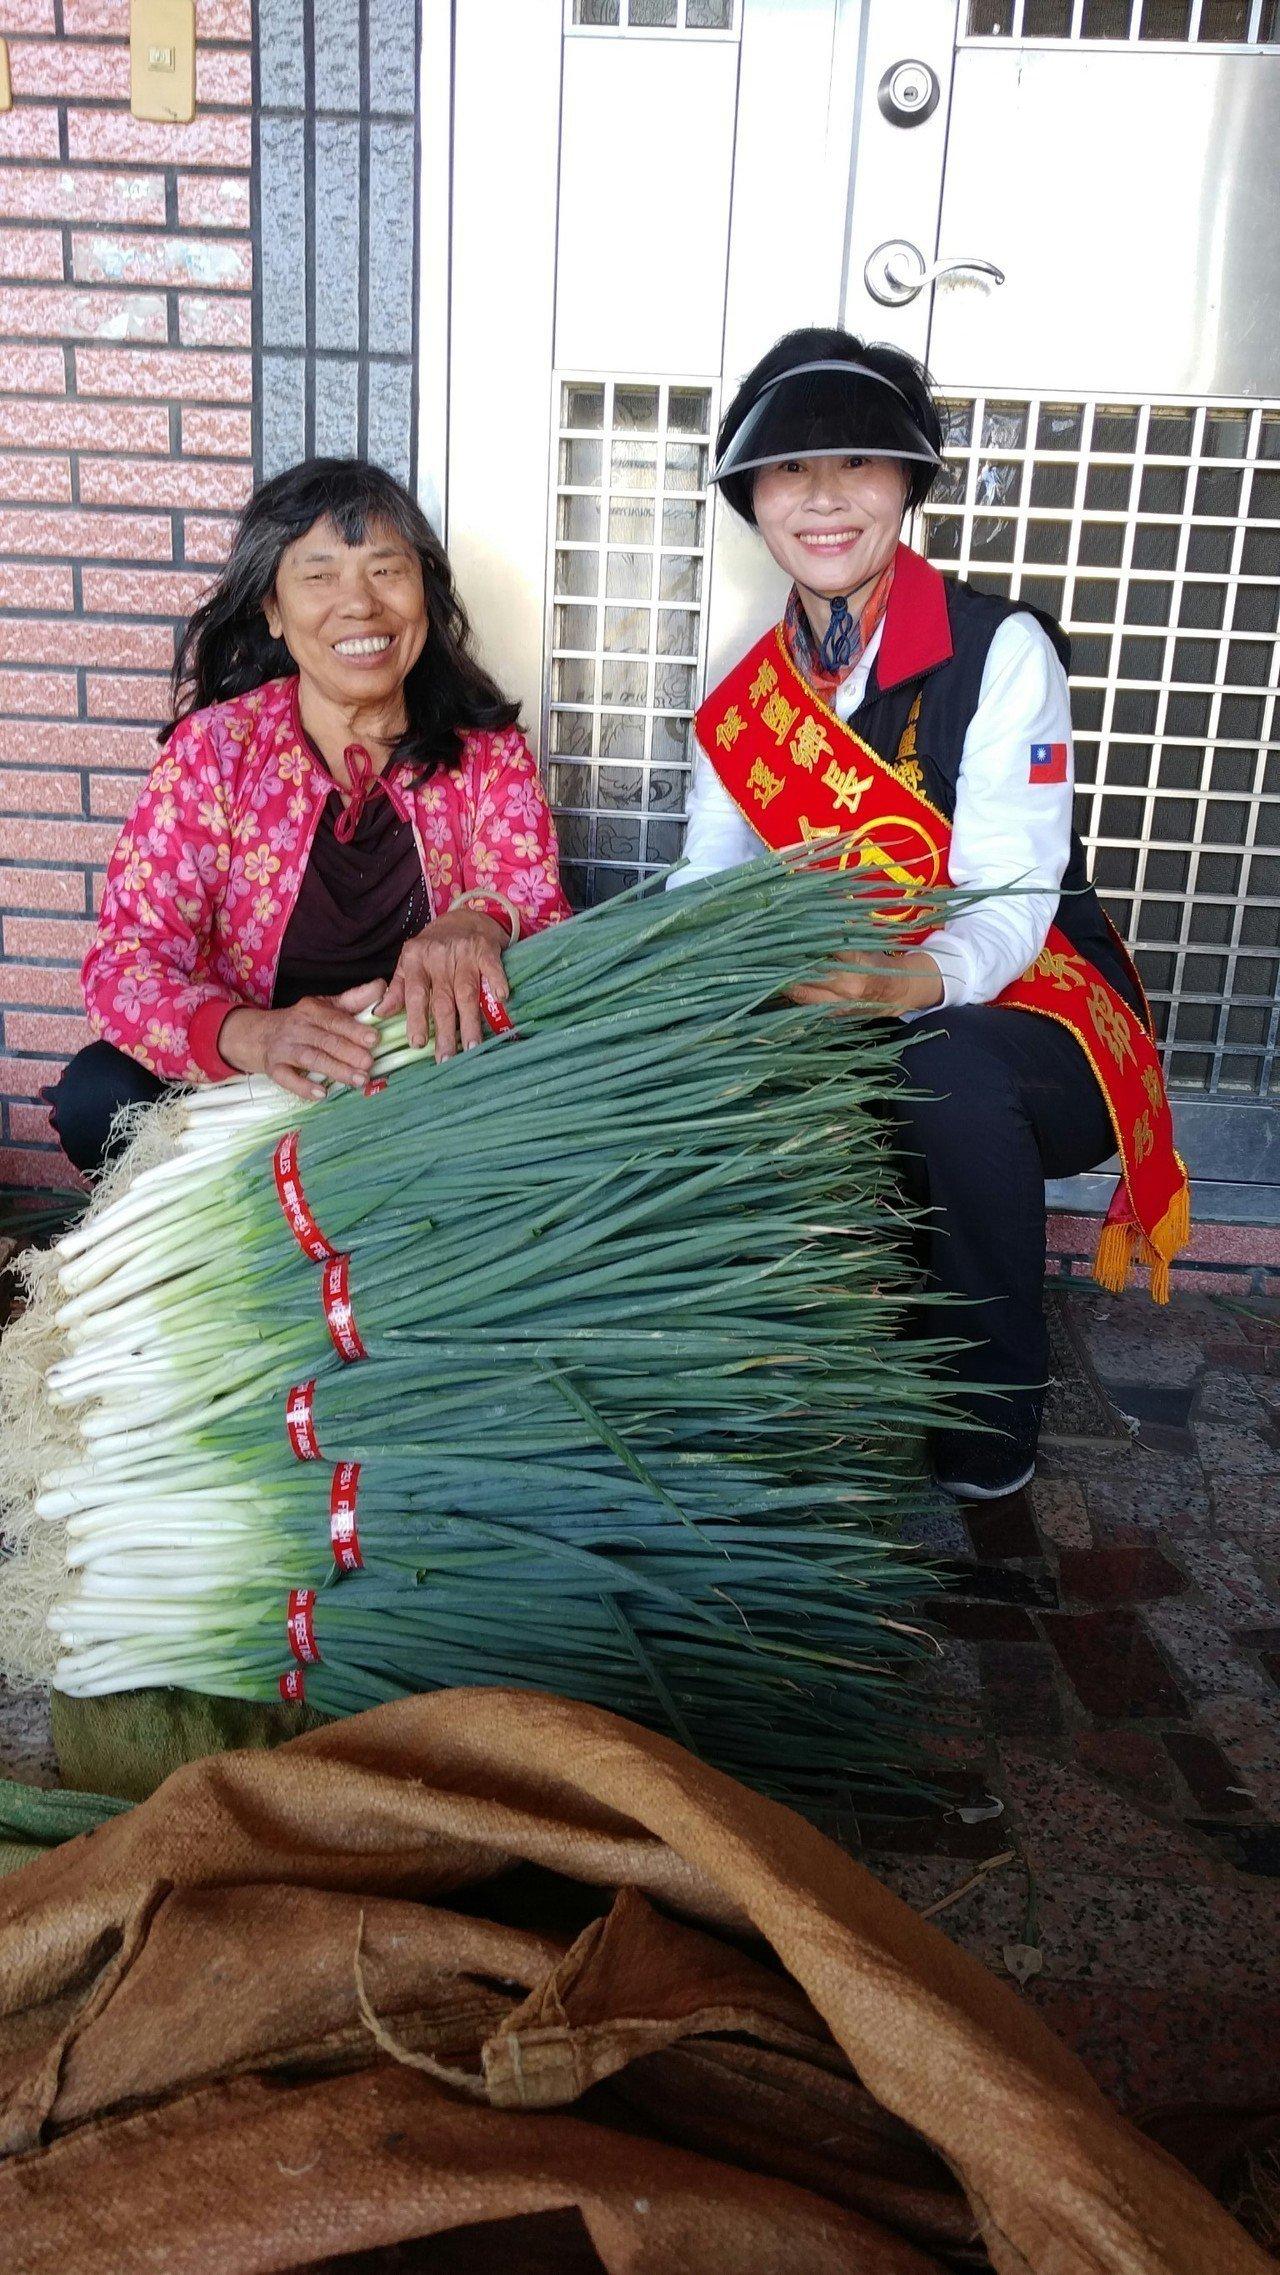 埔鹽鄉長候選人黃素錦送蔥給民眾,推廣在地農業。圖/黃素錦競選總部提供